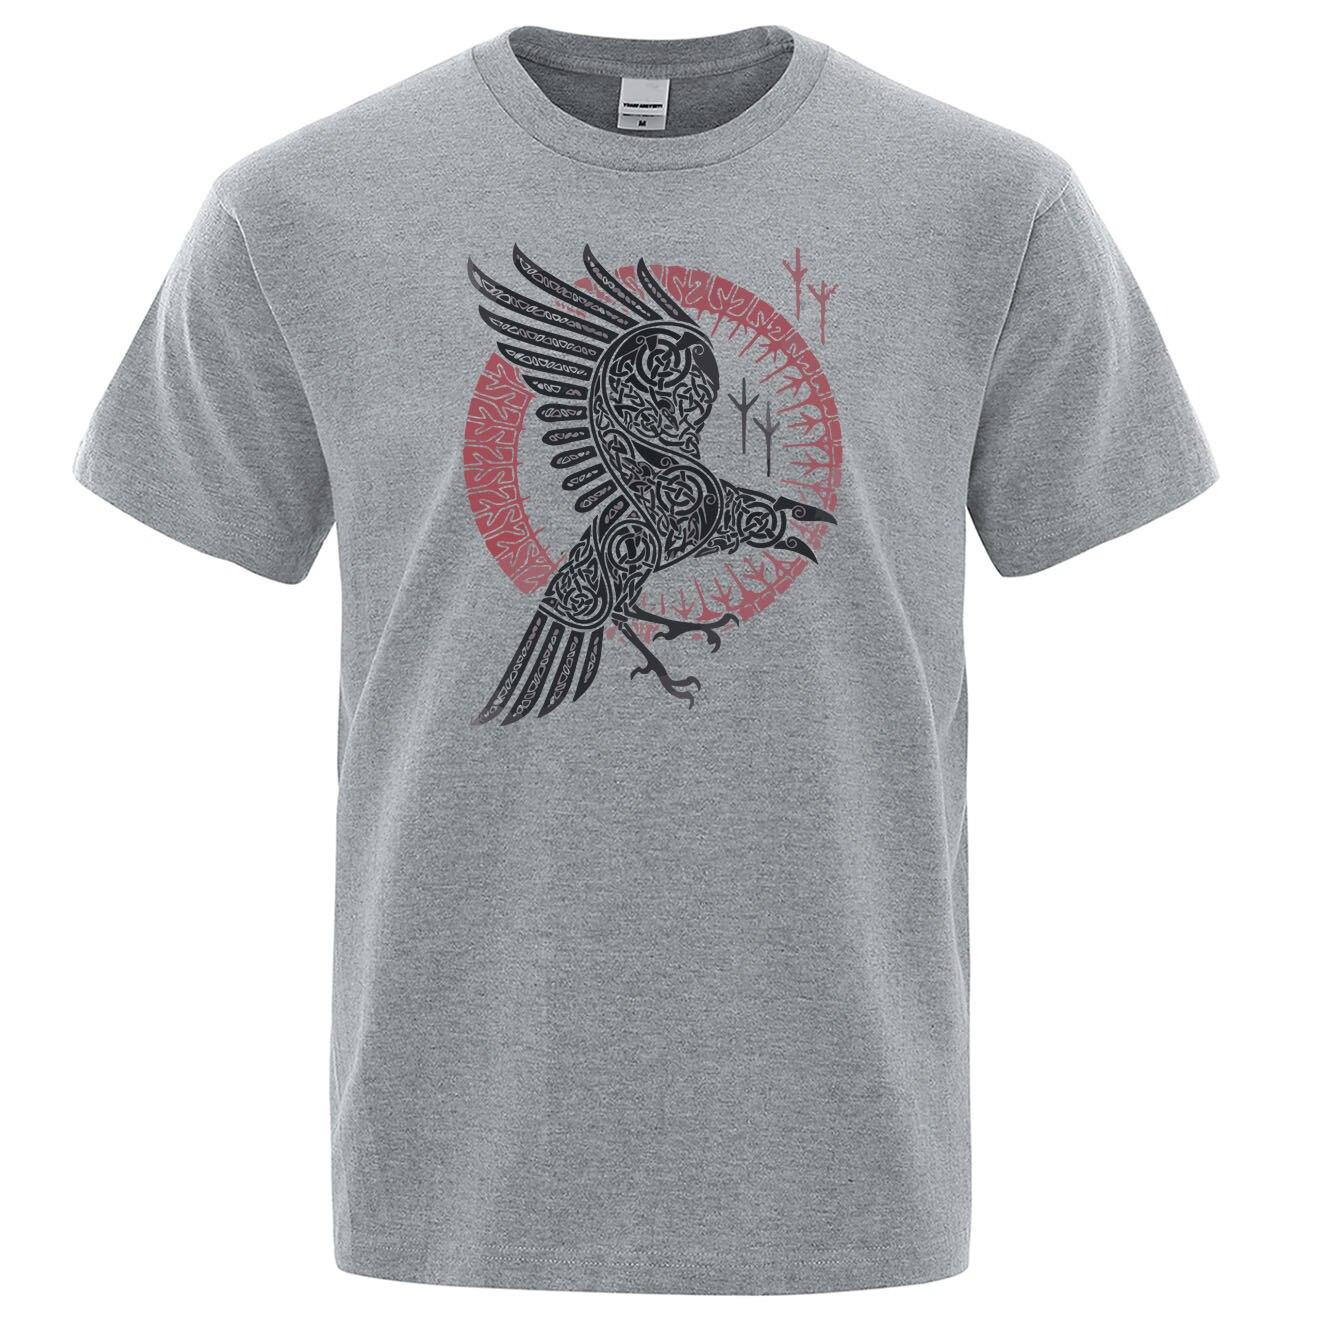 2019 Summer Casual T Shirt Viking Legend Ragnar's Raven Short Sleeve Mens T-shirt Hip Hop Streetwear 100% Cotton Men Tops Tees